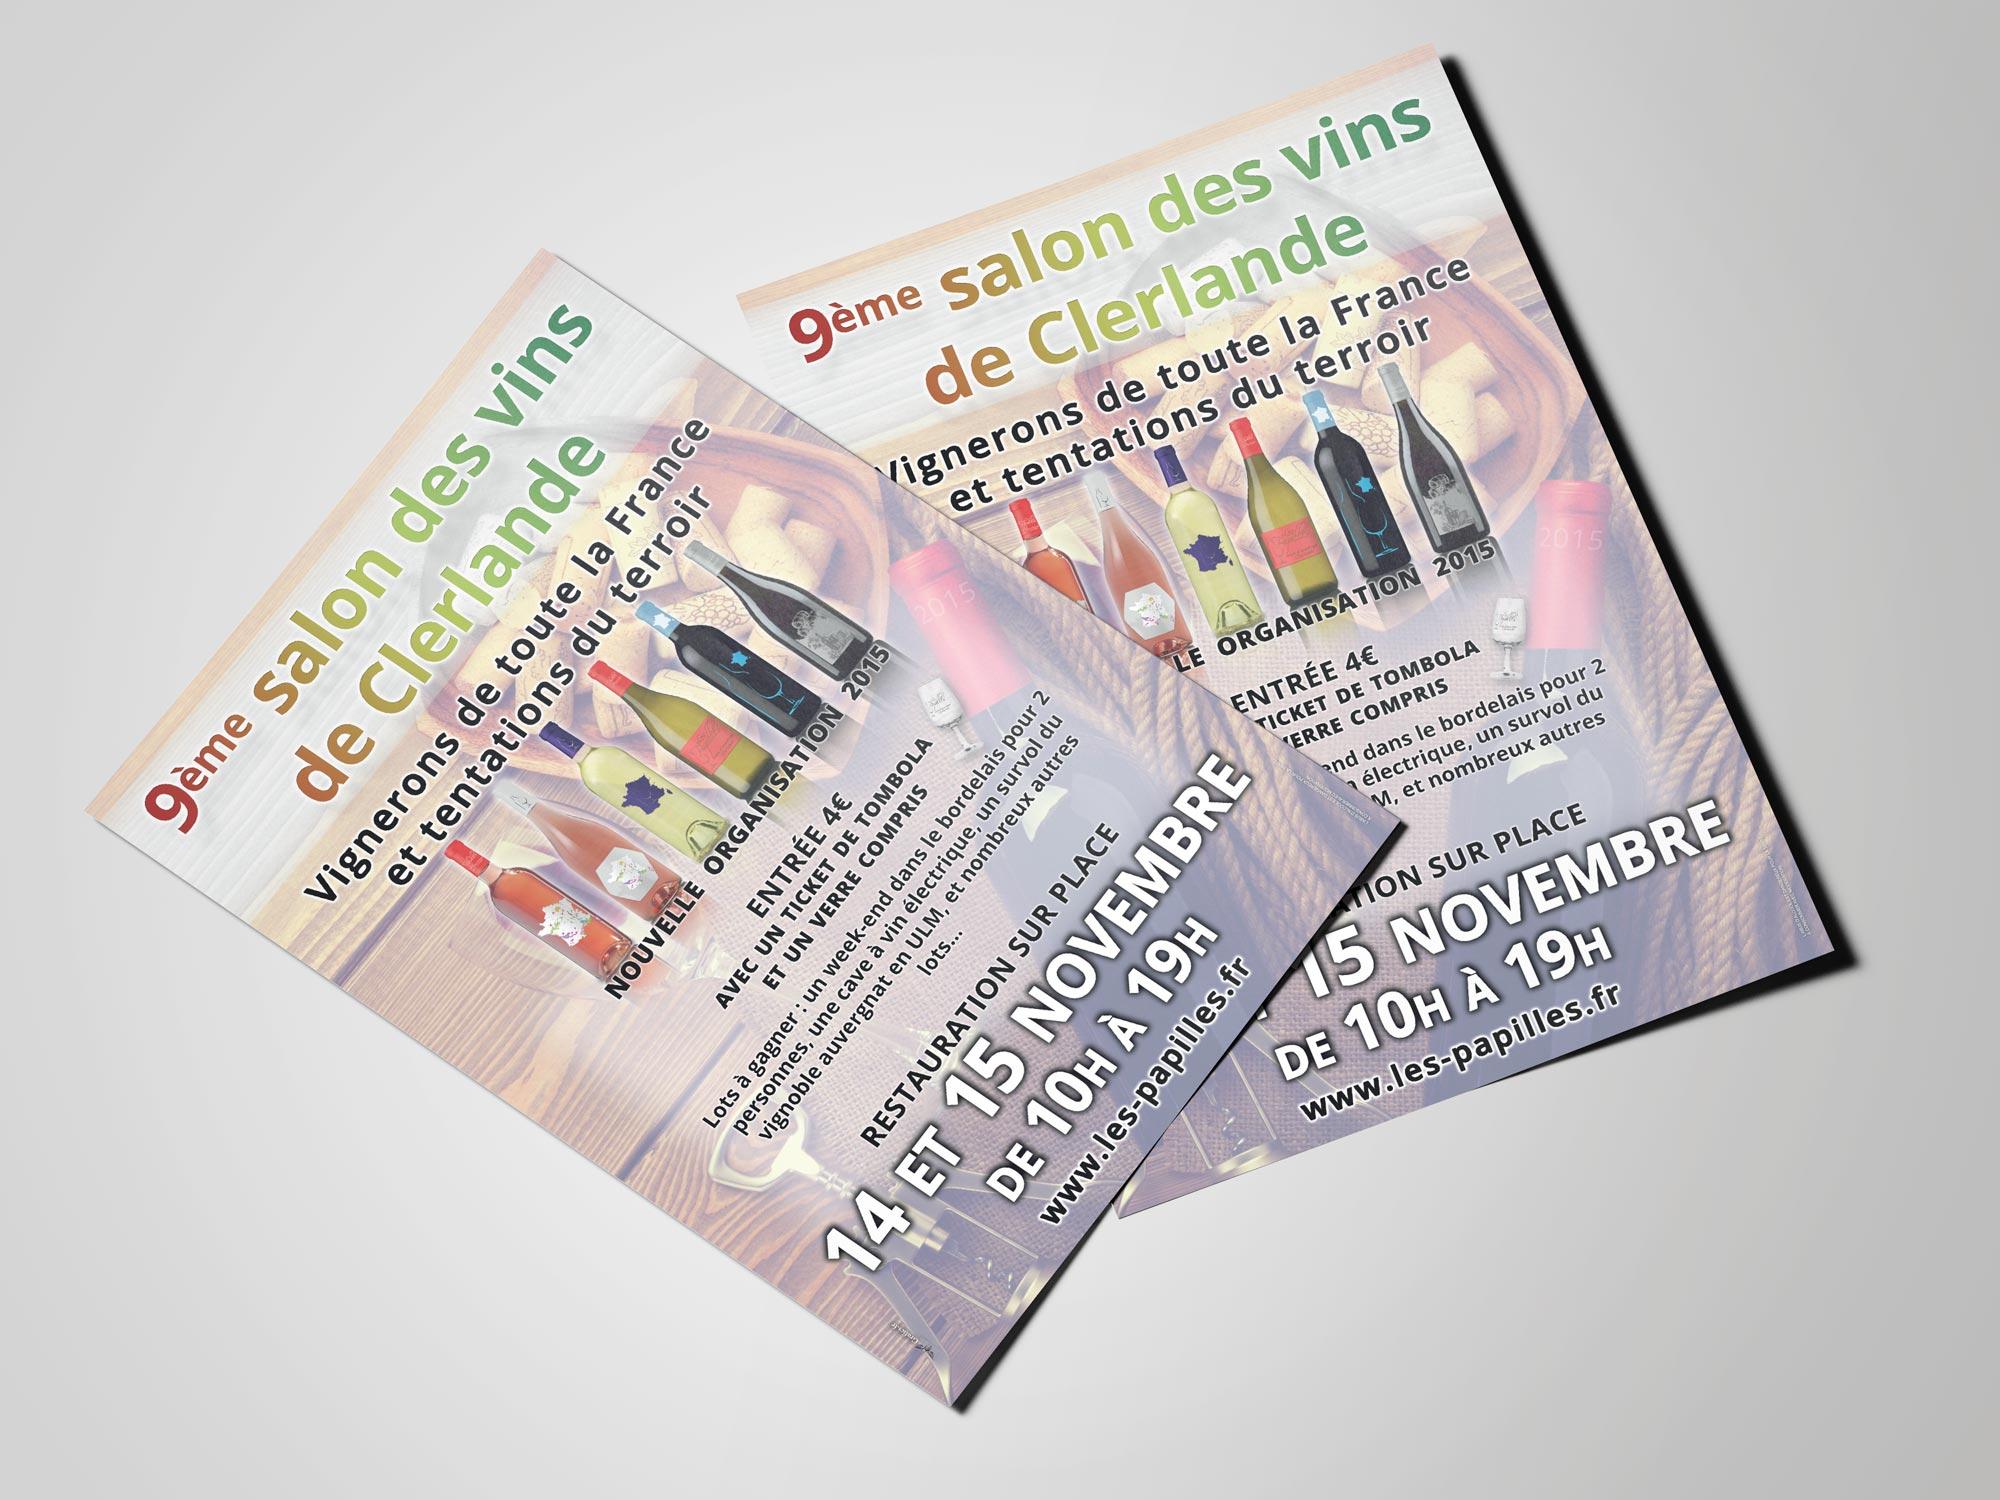 Salon des vins 2015 communication for Calendrier salon des vins